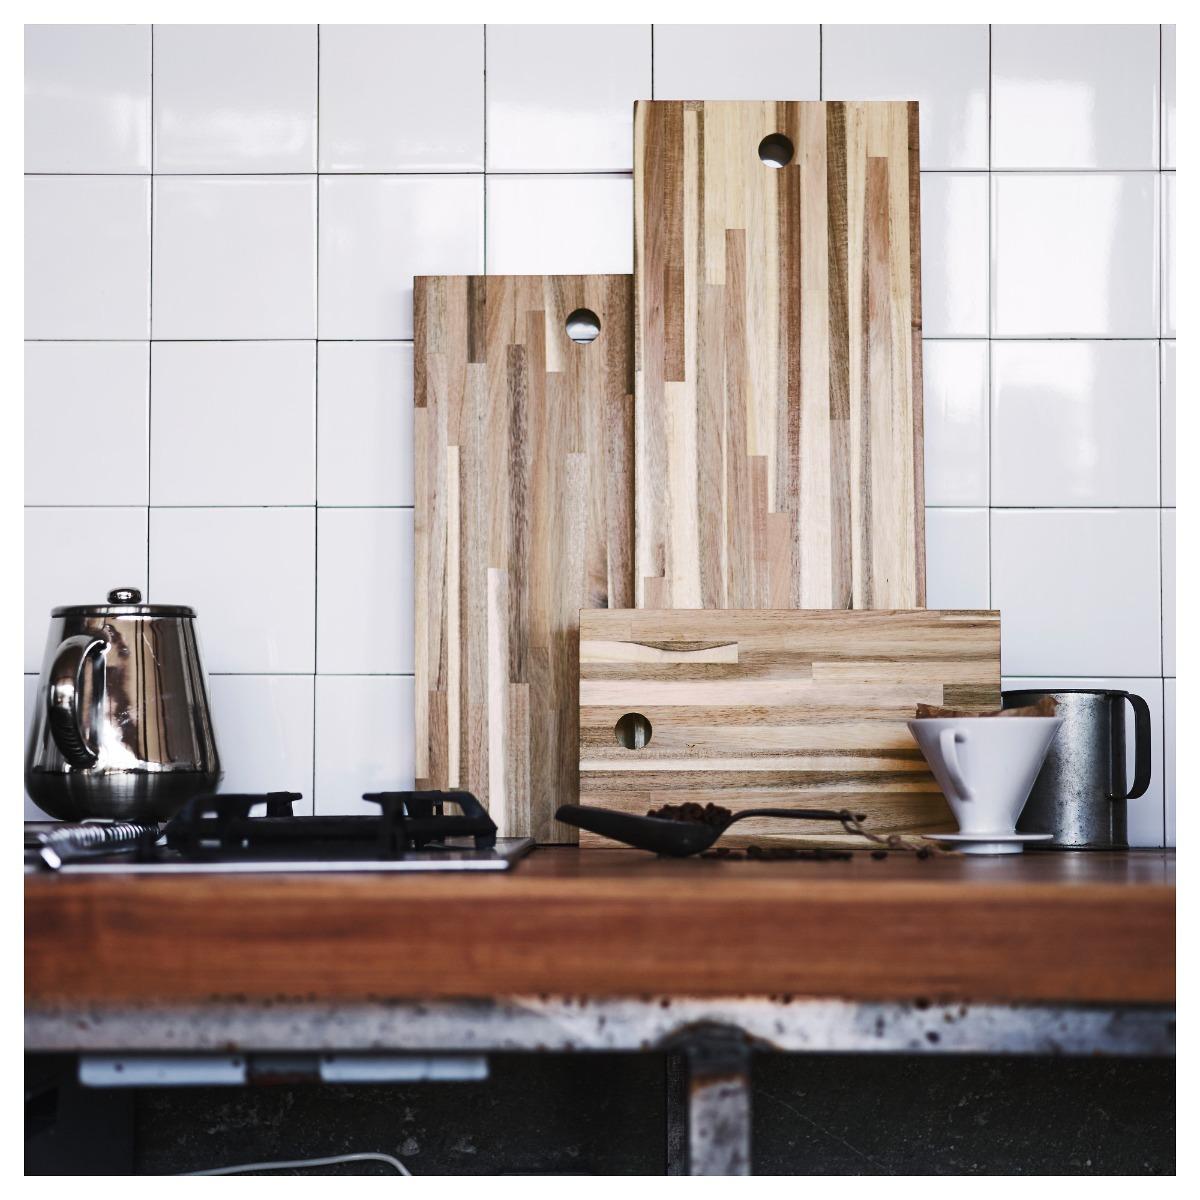 Único Cocina Isla Bloque De Picar Foto - Ideas Del Gabinete de ...